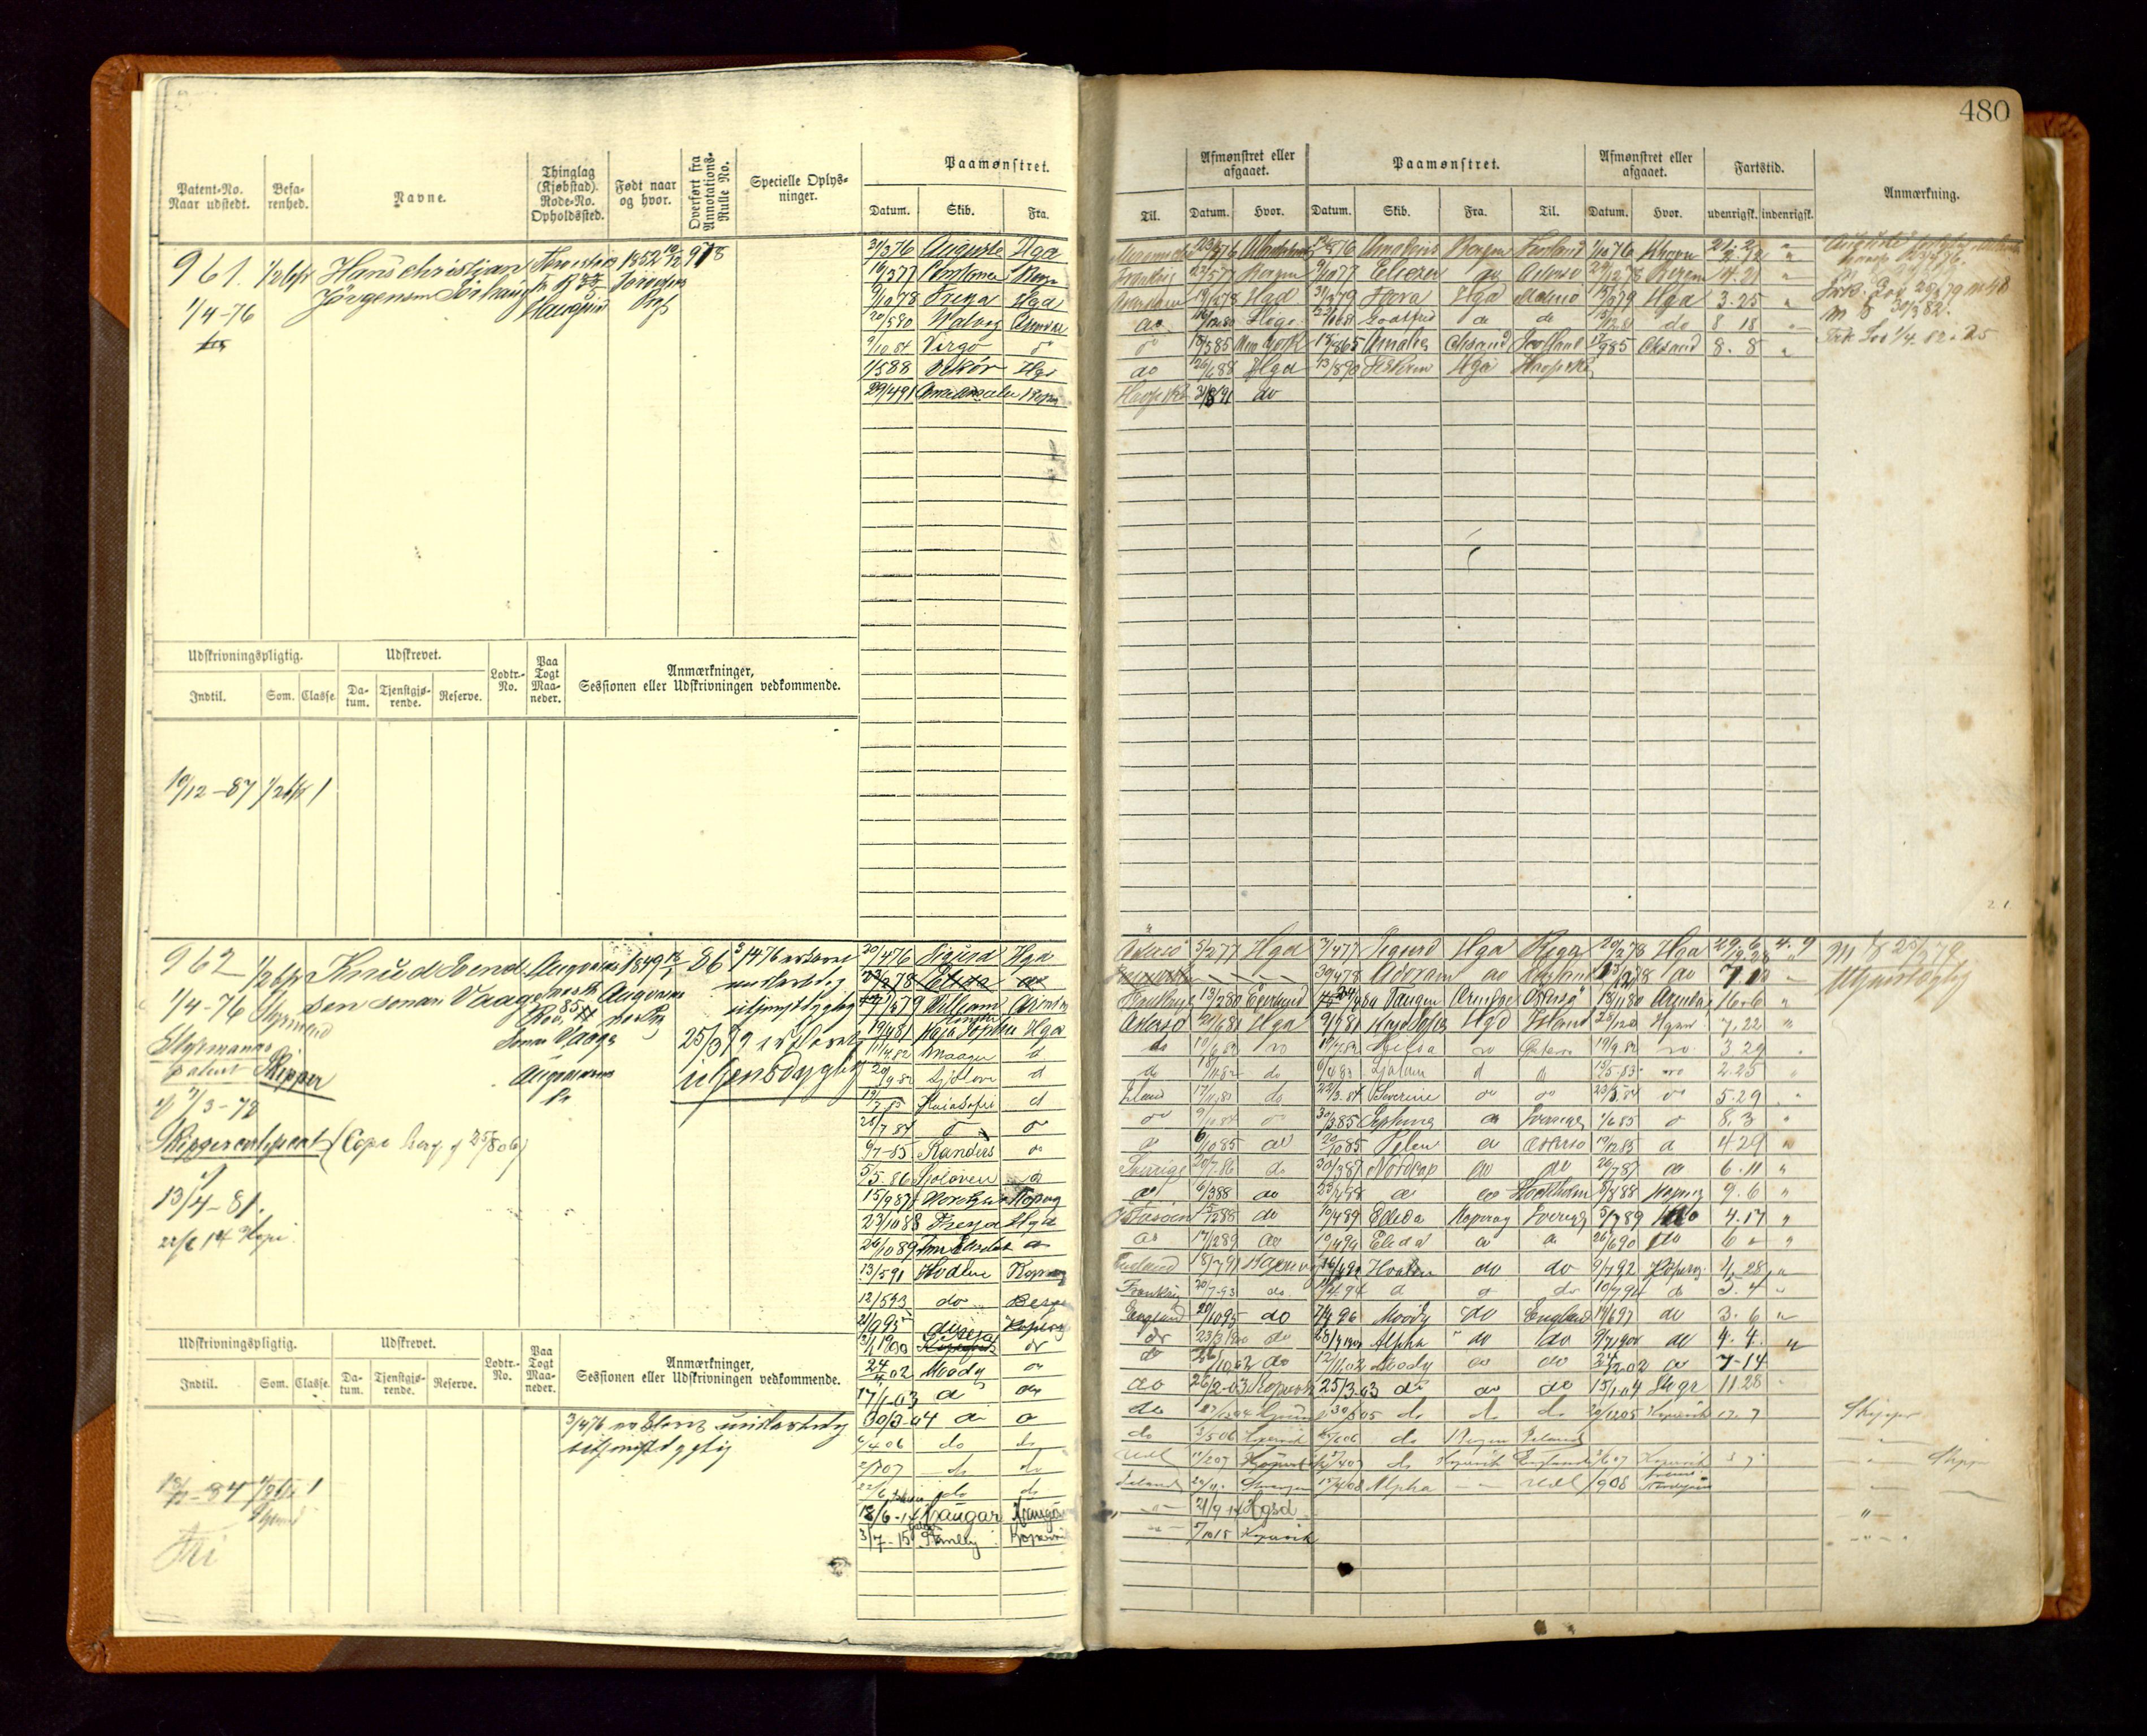 SAST, Haugesund sjømannskontor, F/Fb/Fbb/L0004: Sjøfartsrulle Haugesund krets nr. 1-1922, 1868-1948, s. 480